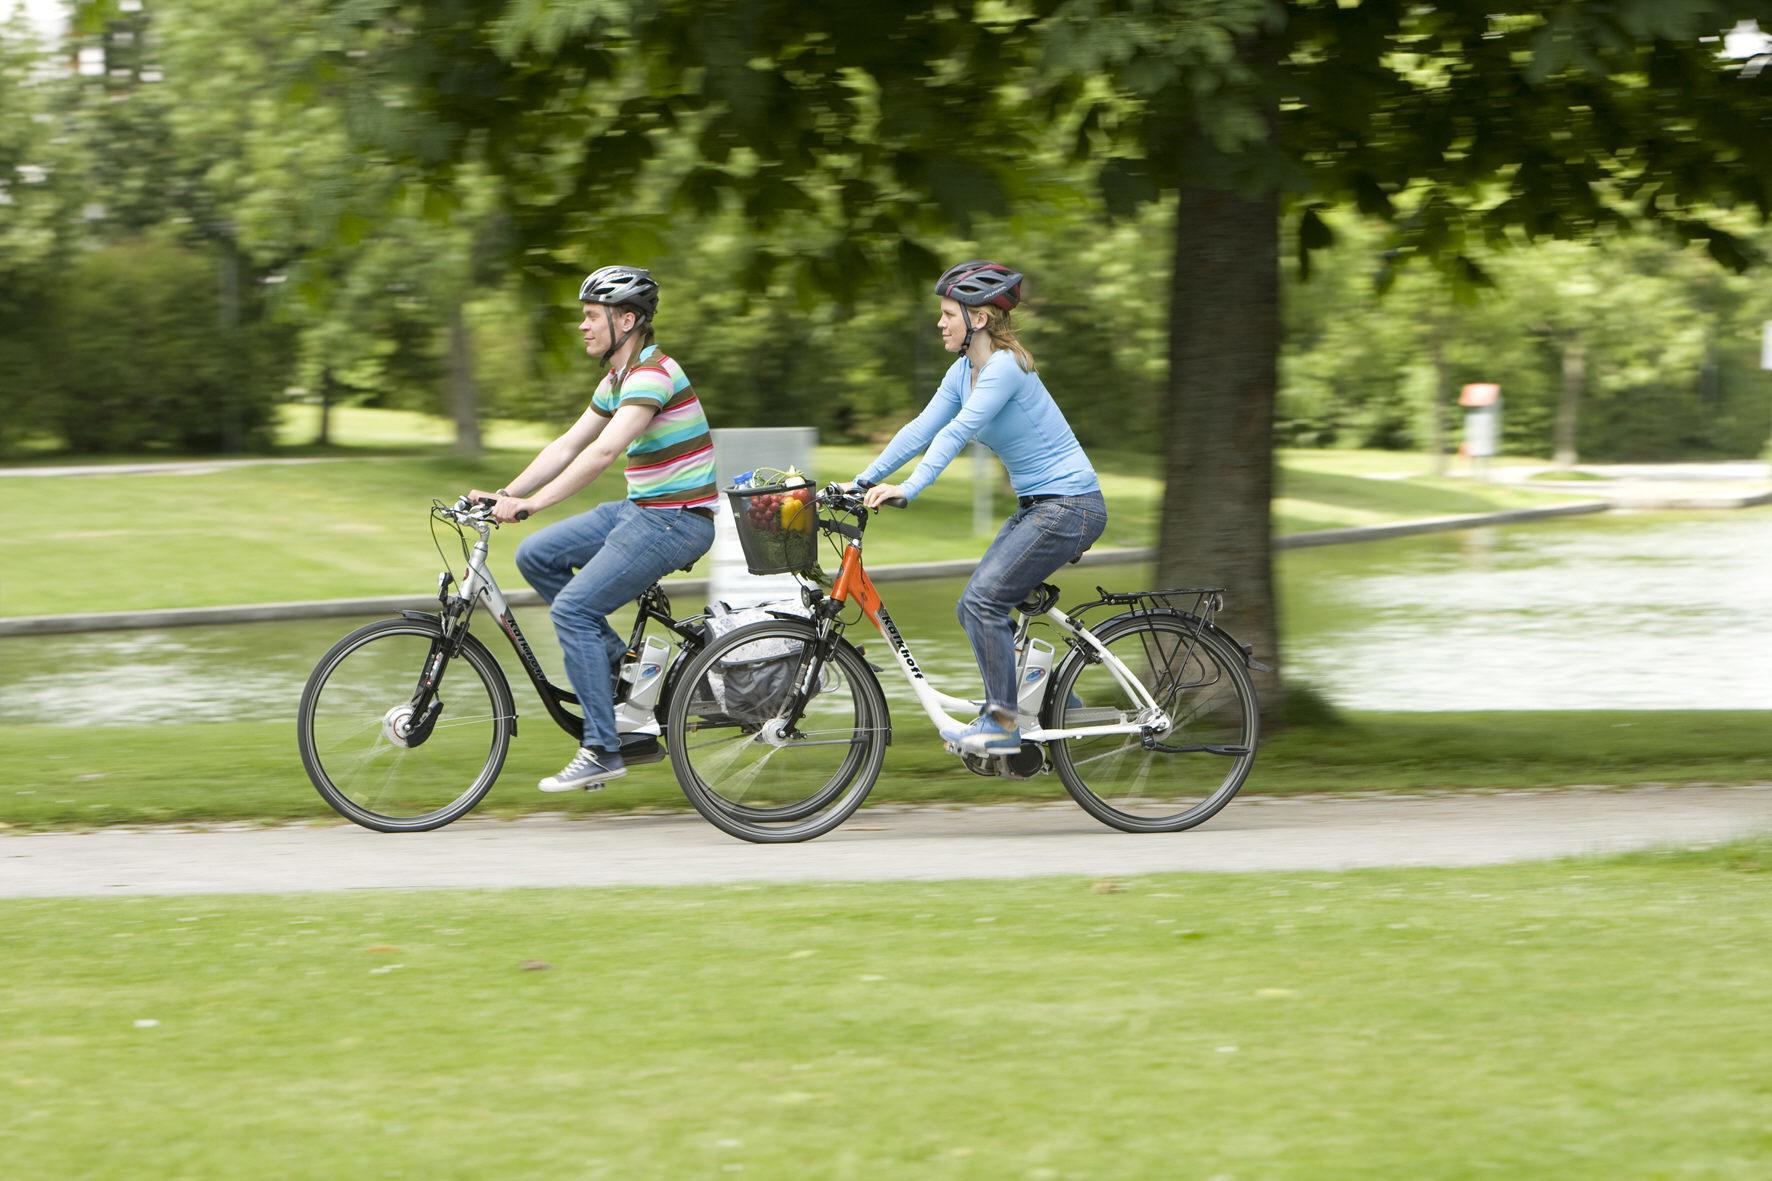 mid Düsseldorf - Durch Radschnellwege sollen mehr Menschen zum Umstieg vom Auto aufs Fahrrad bewegt werden. Der erste überregionale Radschnellweg in Deutschland entsteht derzeit im Ruhrgebiet, das erste Teilstück ist jetzt für Radler frei.